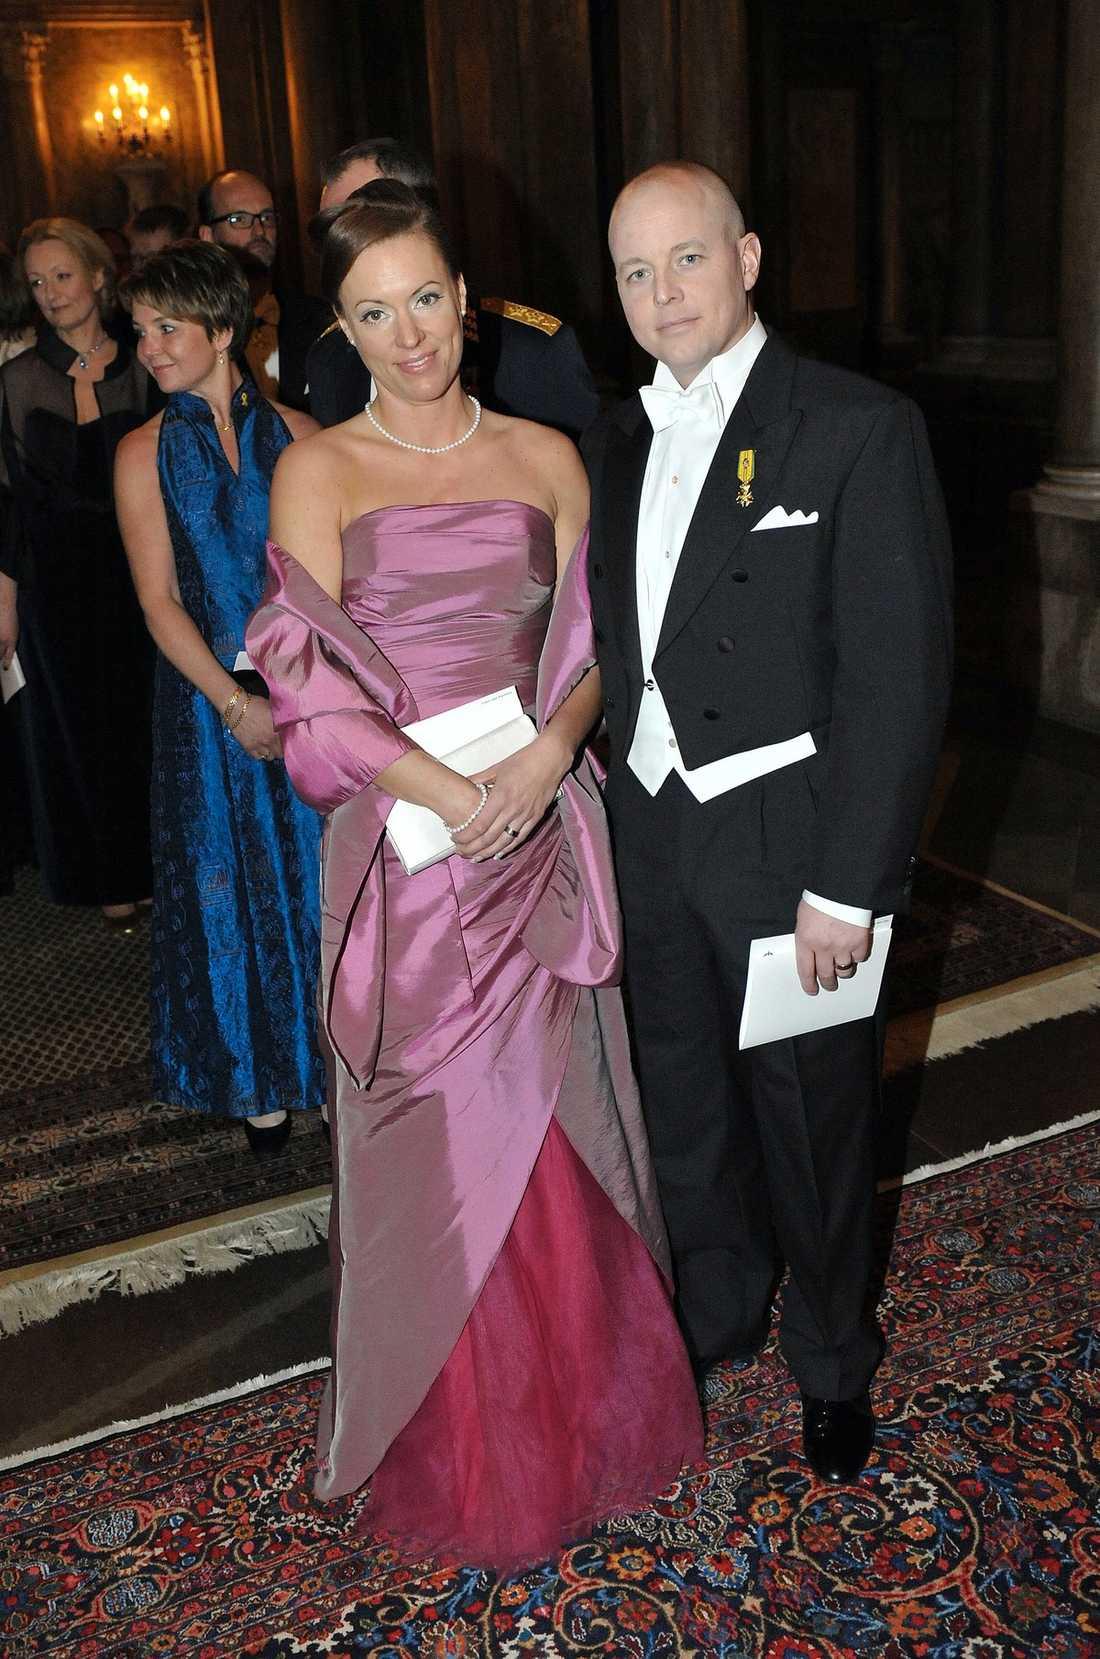 Björn Söder gick på balen med sin fru Anna Wigenstorp. Bilden är från en middag på Kungliga slottet förra året.